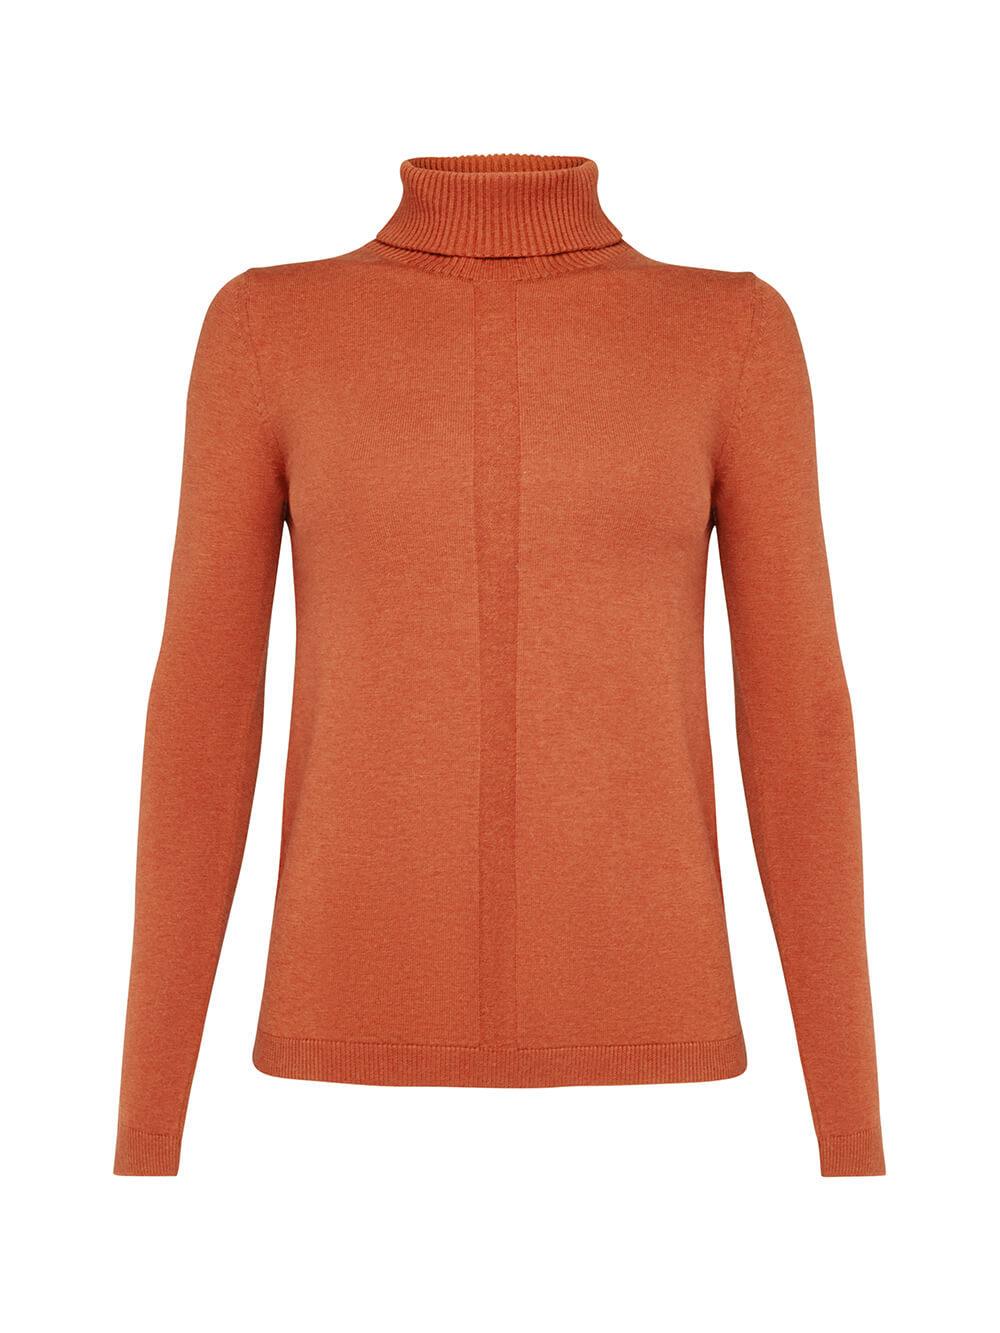 Женский джемпер оранжевого цвета из шерсти и шелка - фото 1